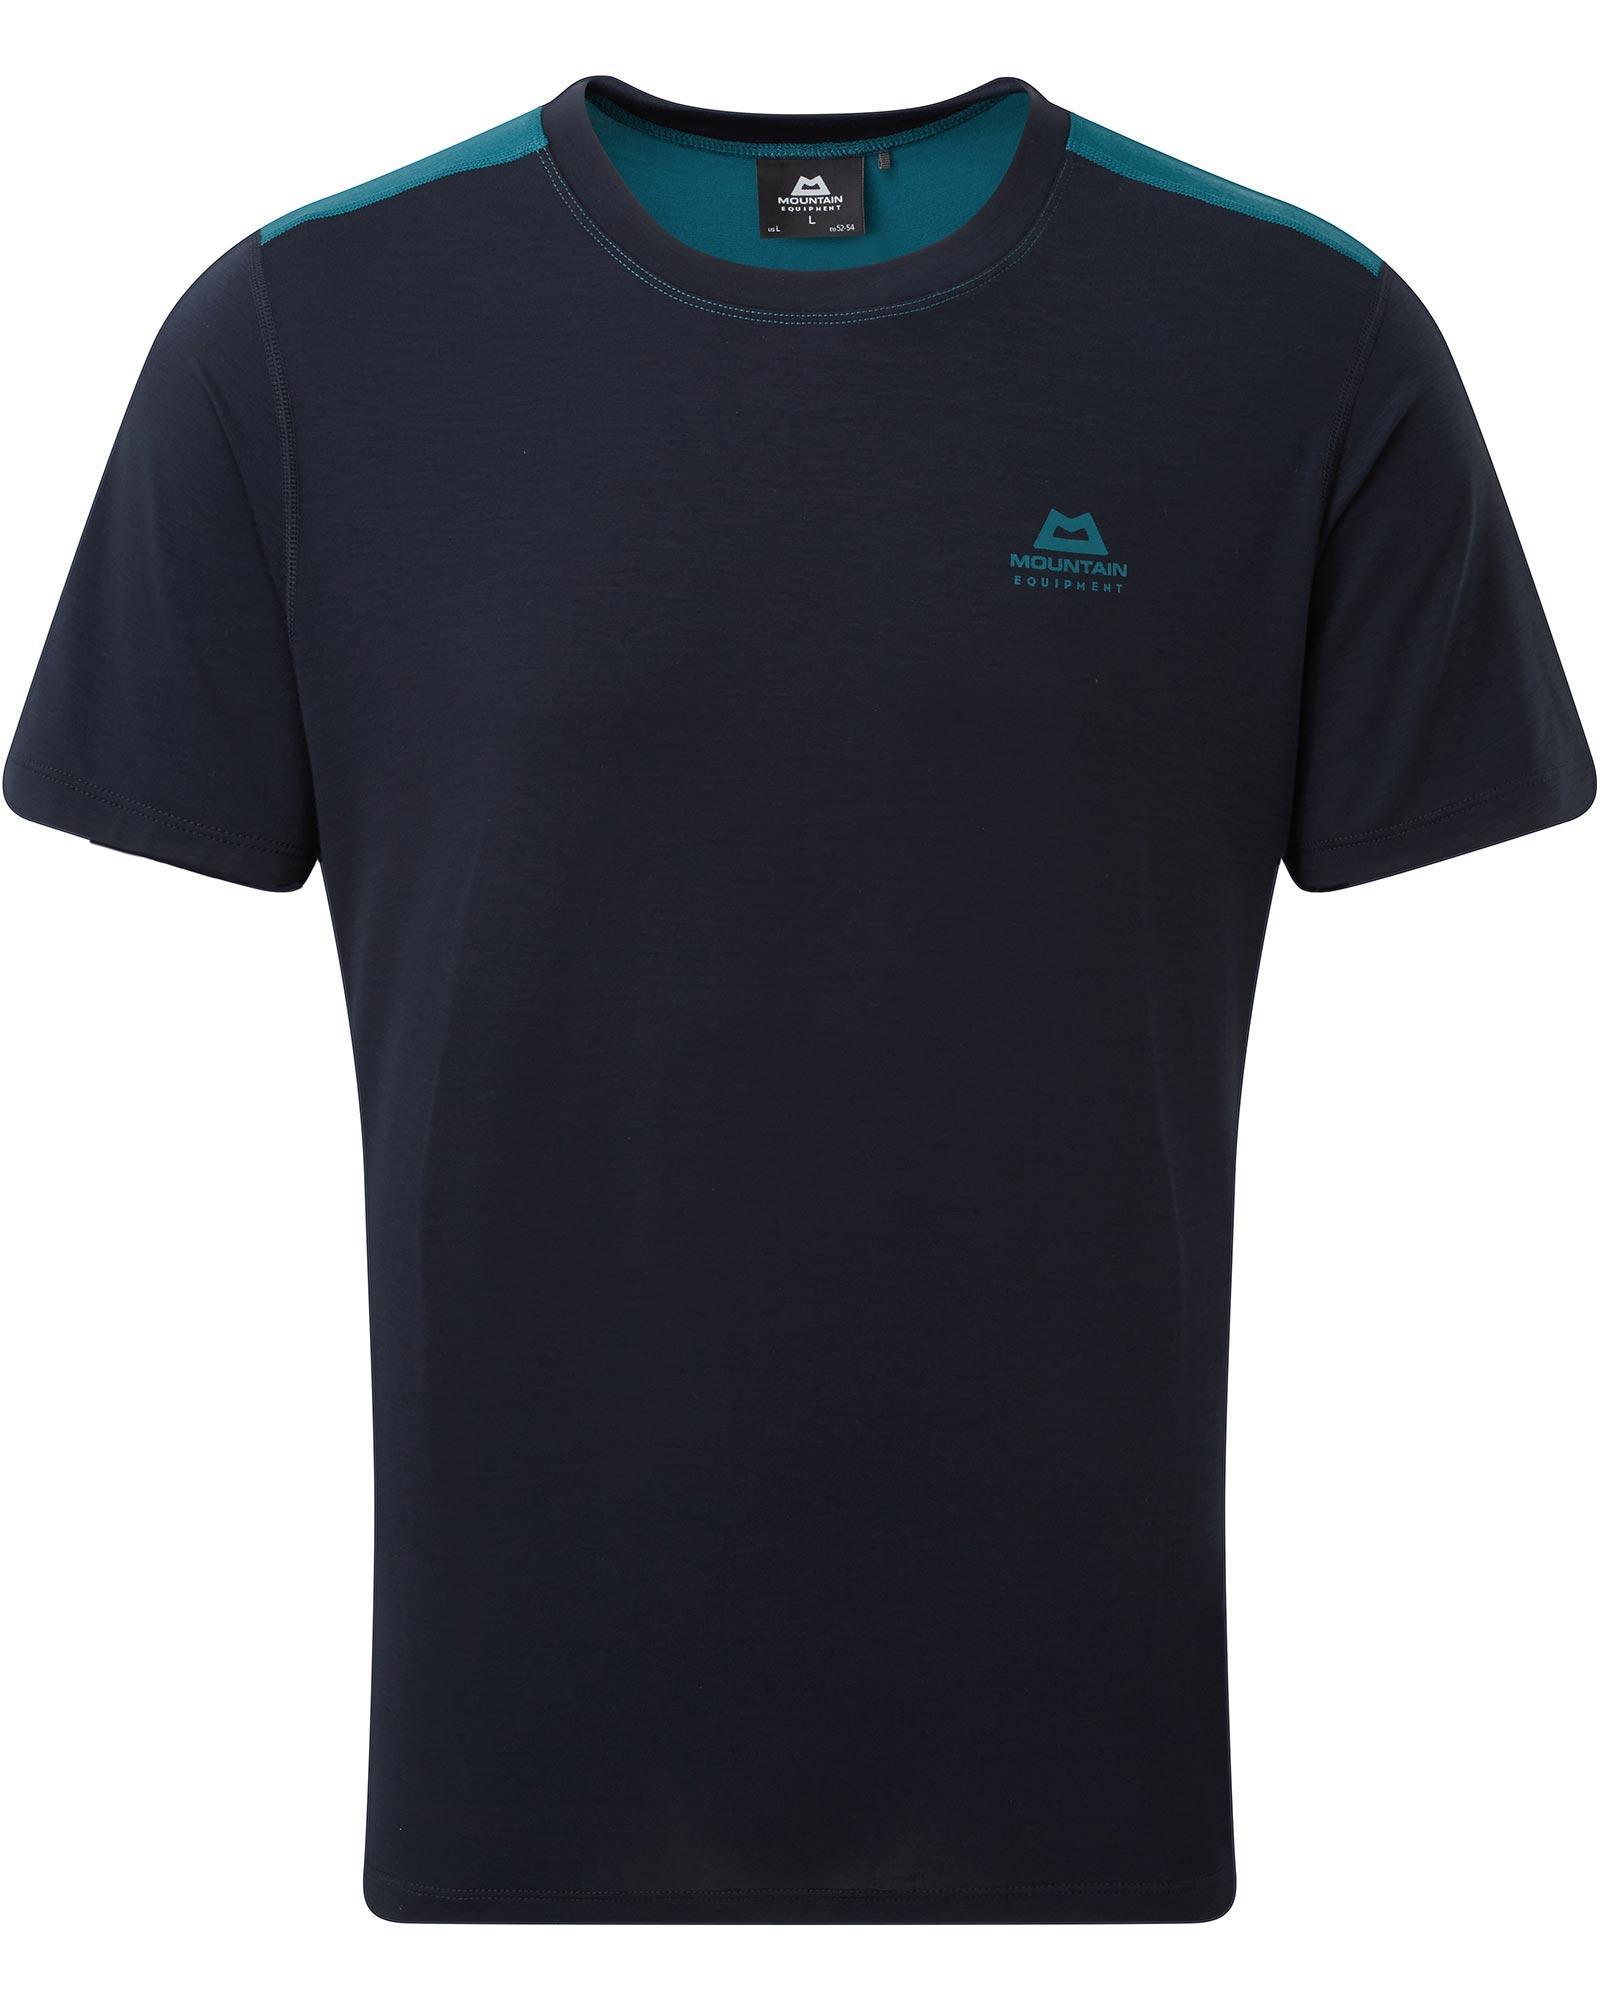 Mountain Equipment Men's Ground Up Colourblock T-Shirt 0